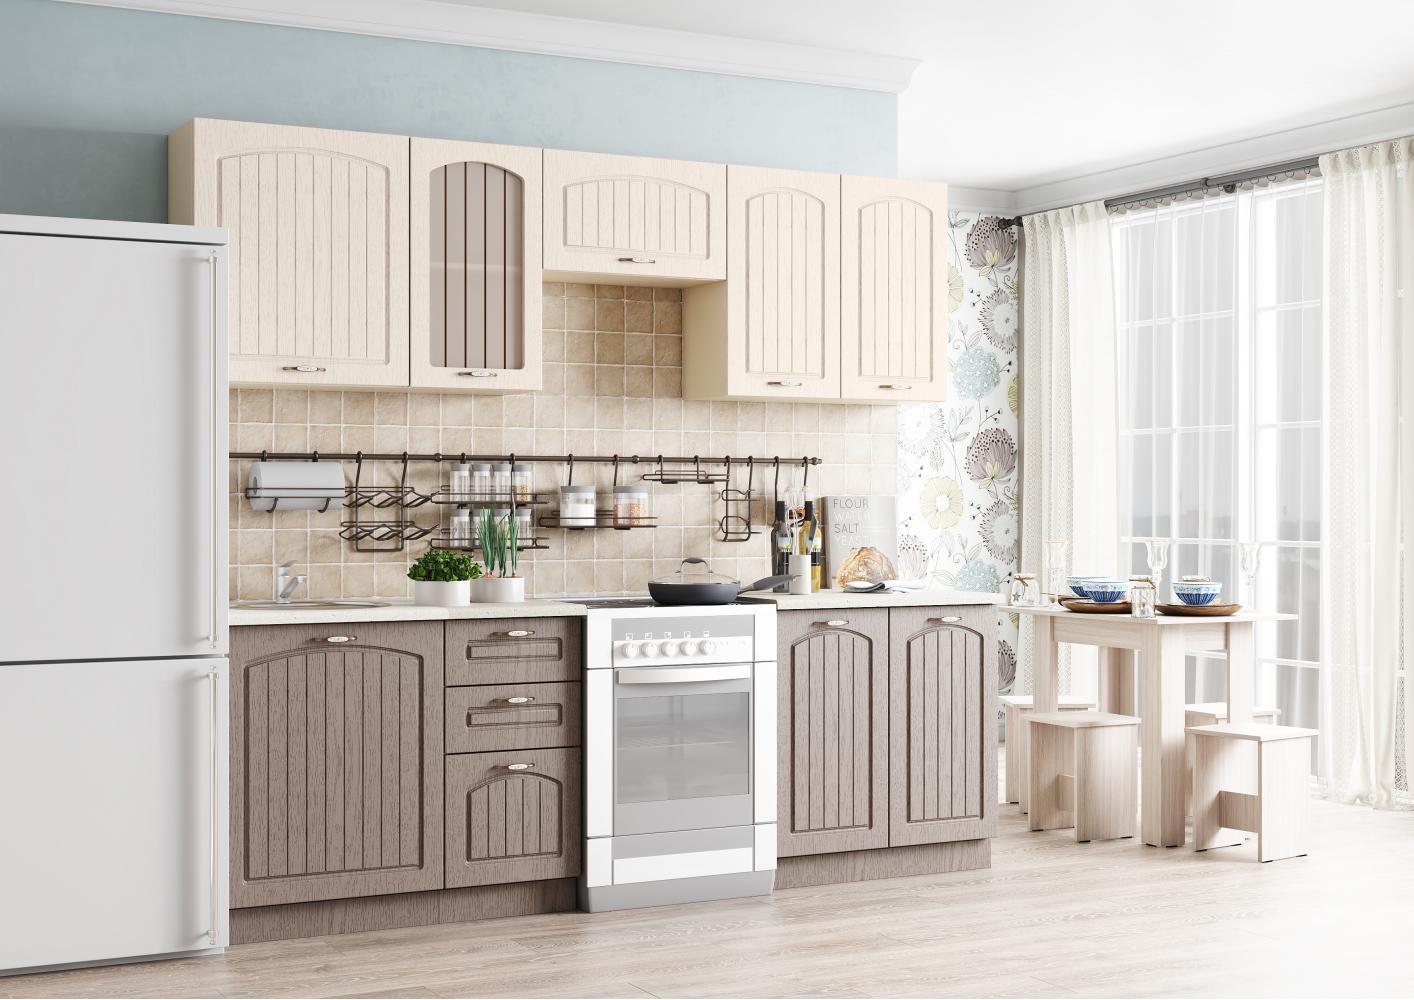 5 преимуществ гарнитура, сделанного под заказ, против стандартной мебели